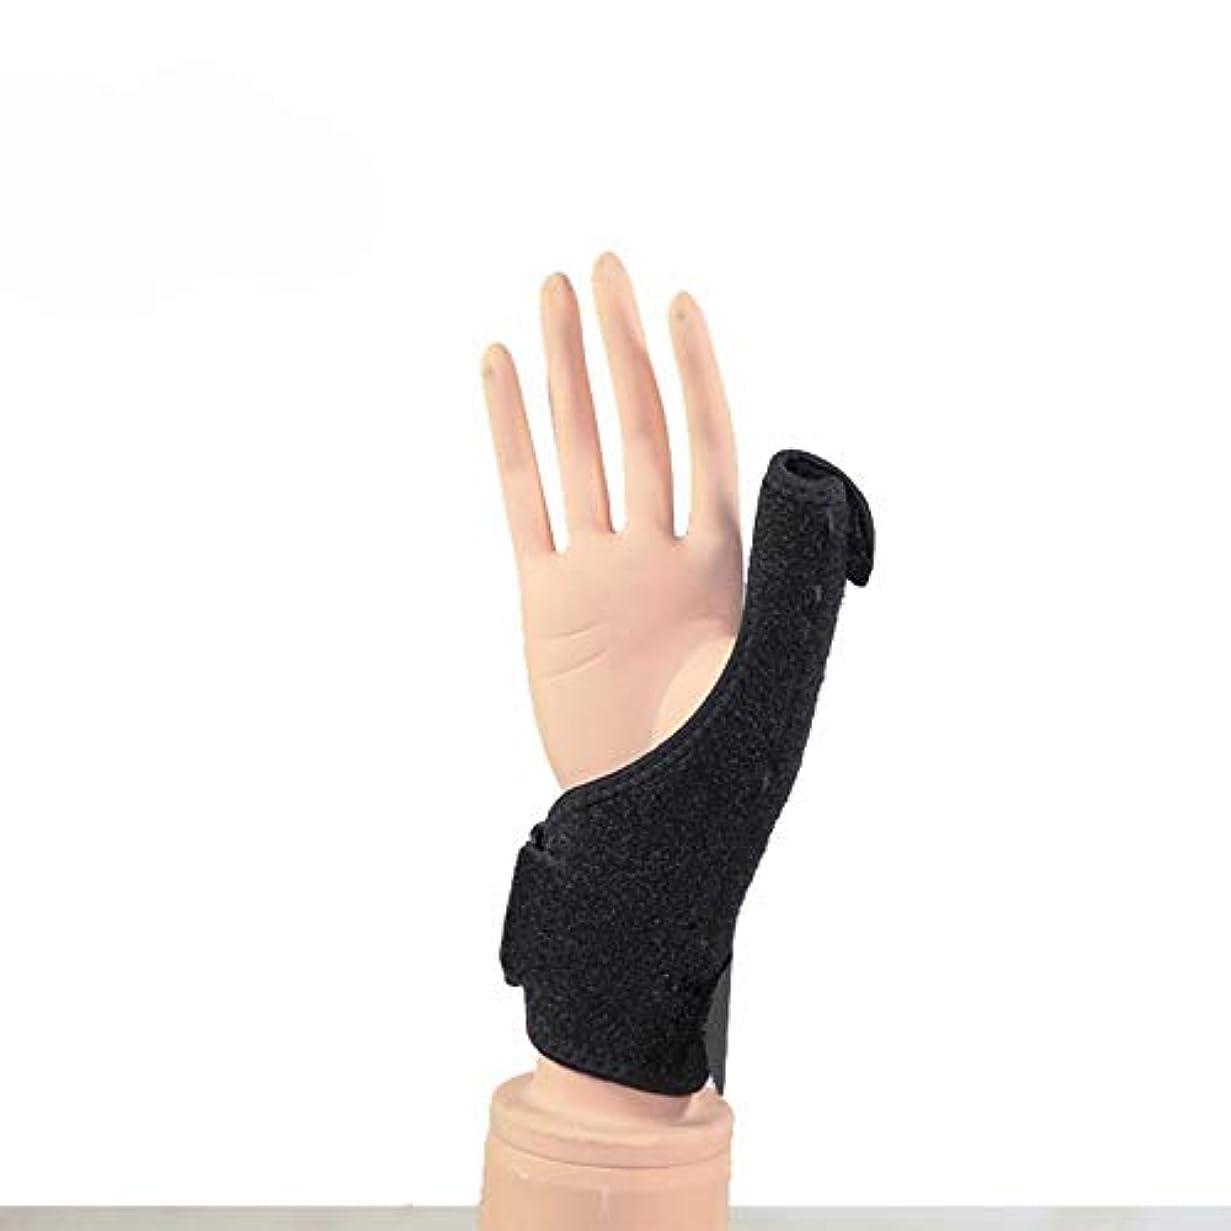 フィッティング件名パーセントZYL-YL 手首のプロテクターの親指の腱鞘ケア固定されたブラケット指先リストバンド外部保護 (Edition : Right)